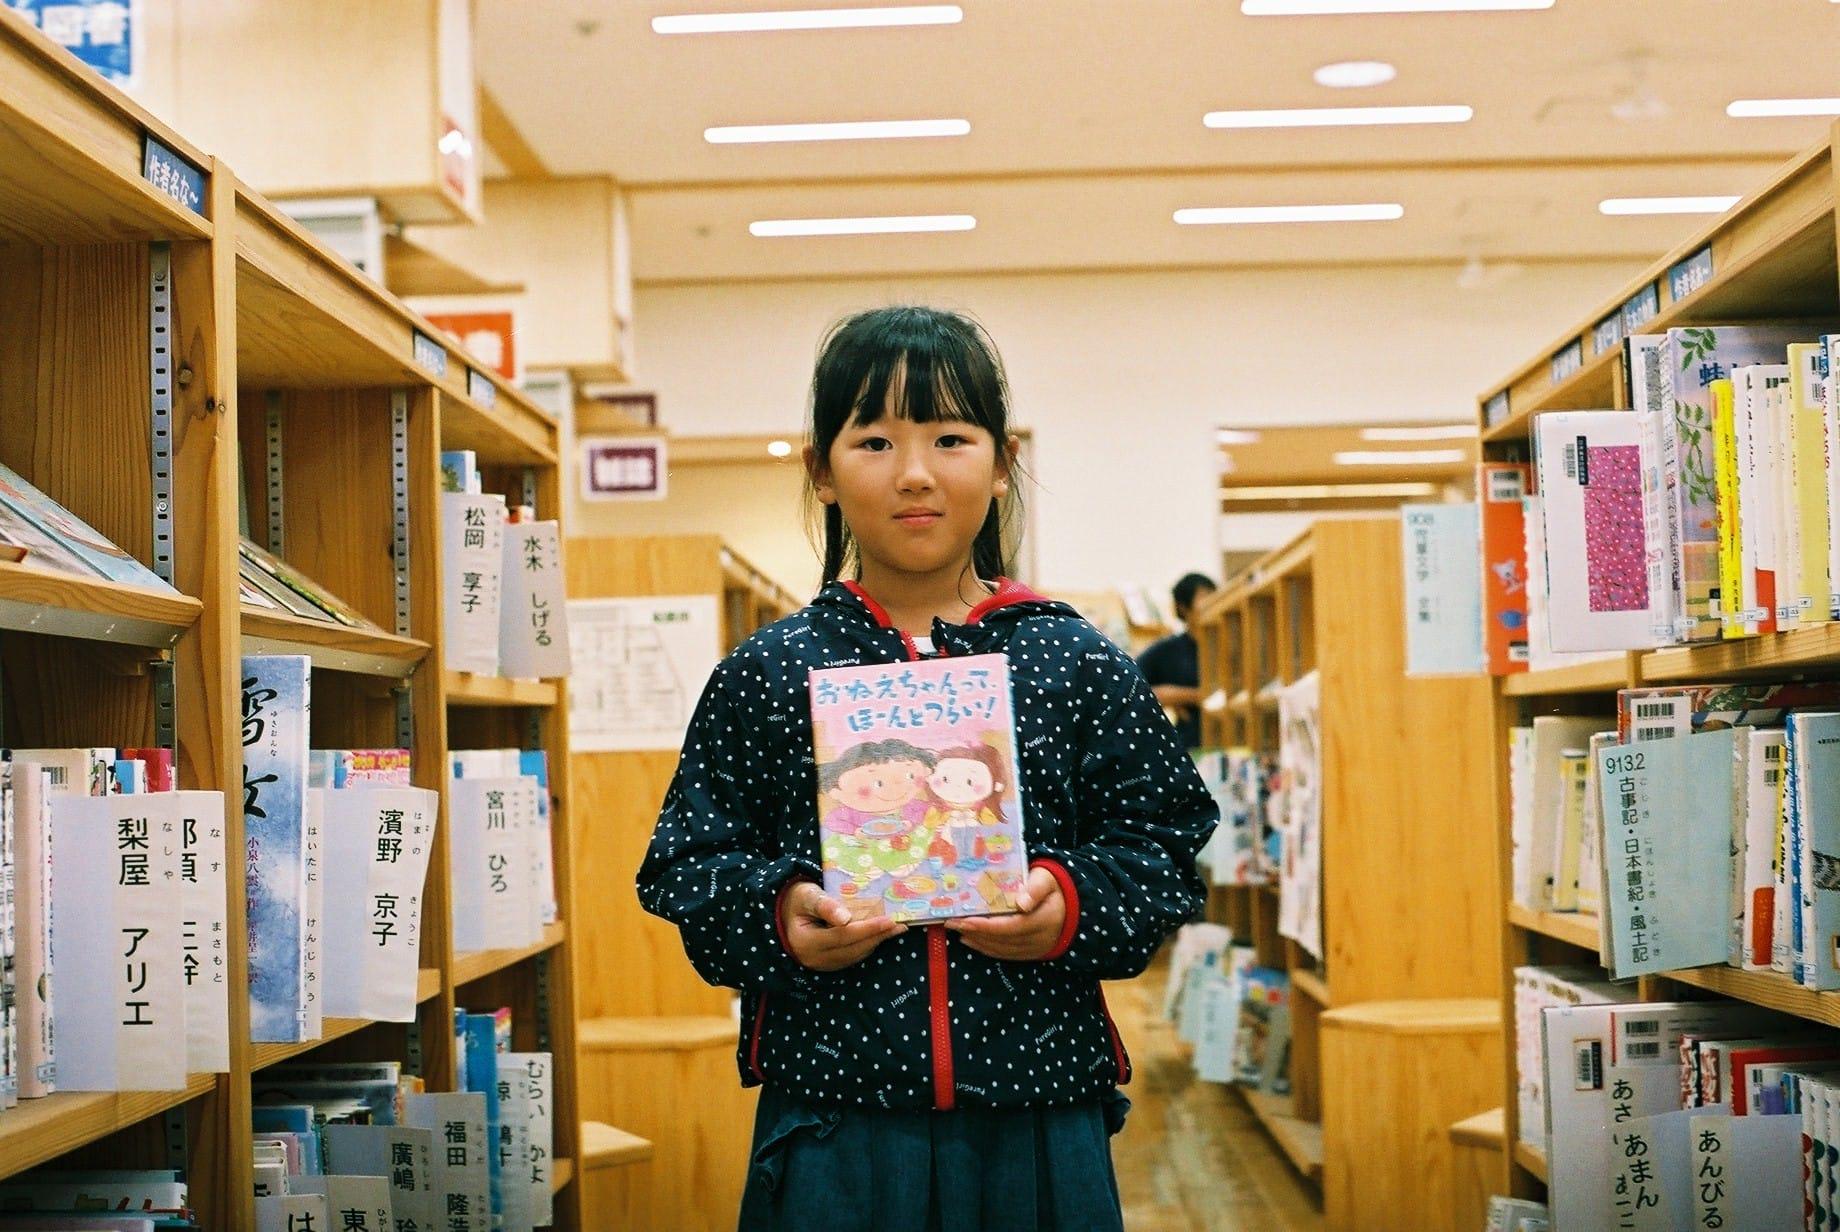 ゆいかちゃん、小学3年生。妹6歳、弟0歳。多い時は一度に5冊くらい借りるという。本を読むことに夢中で『おねんちゃんって、もうたいへん!』「おねえちゃんって、ほーんとつらい!」がいまのお気に入り。